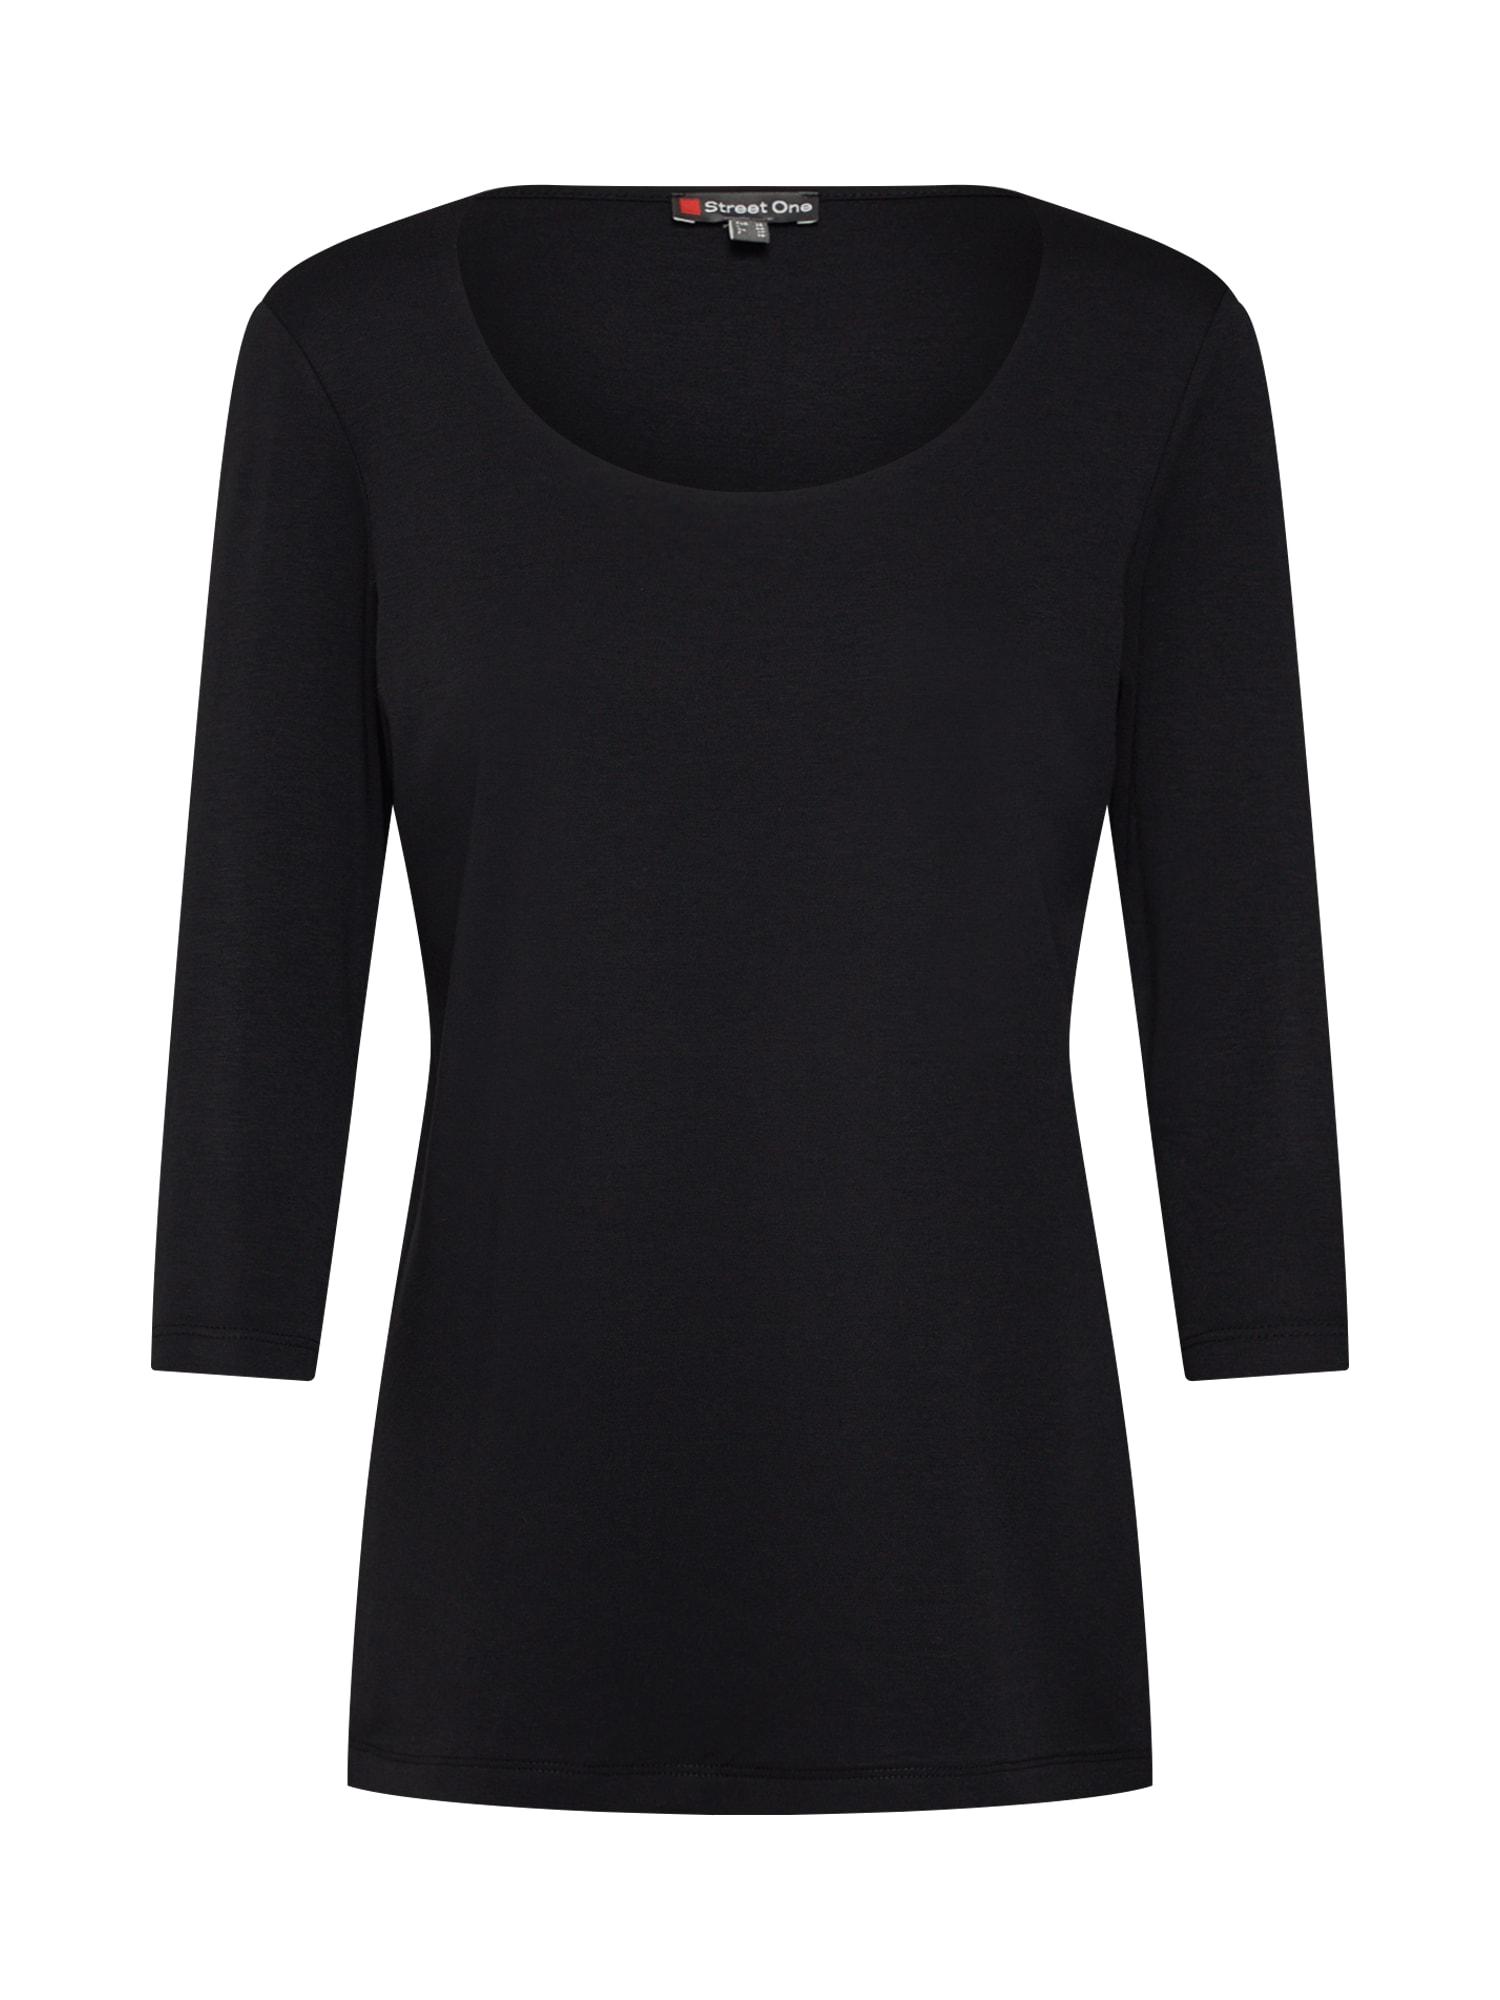 Tričko QR Pania černá STREET ONE